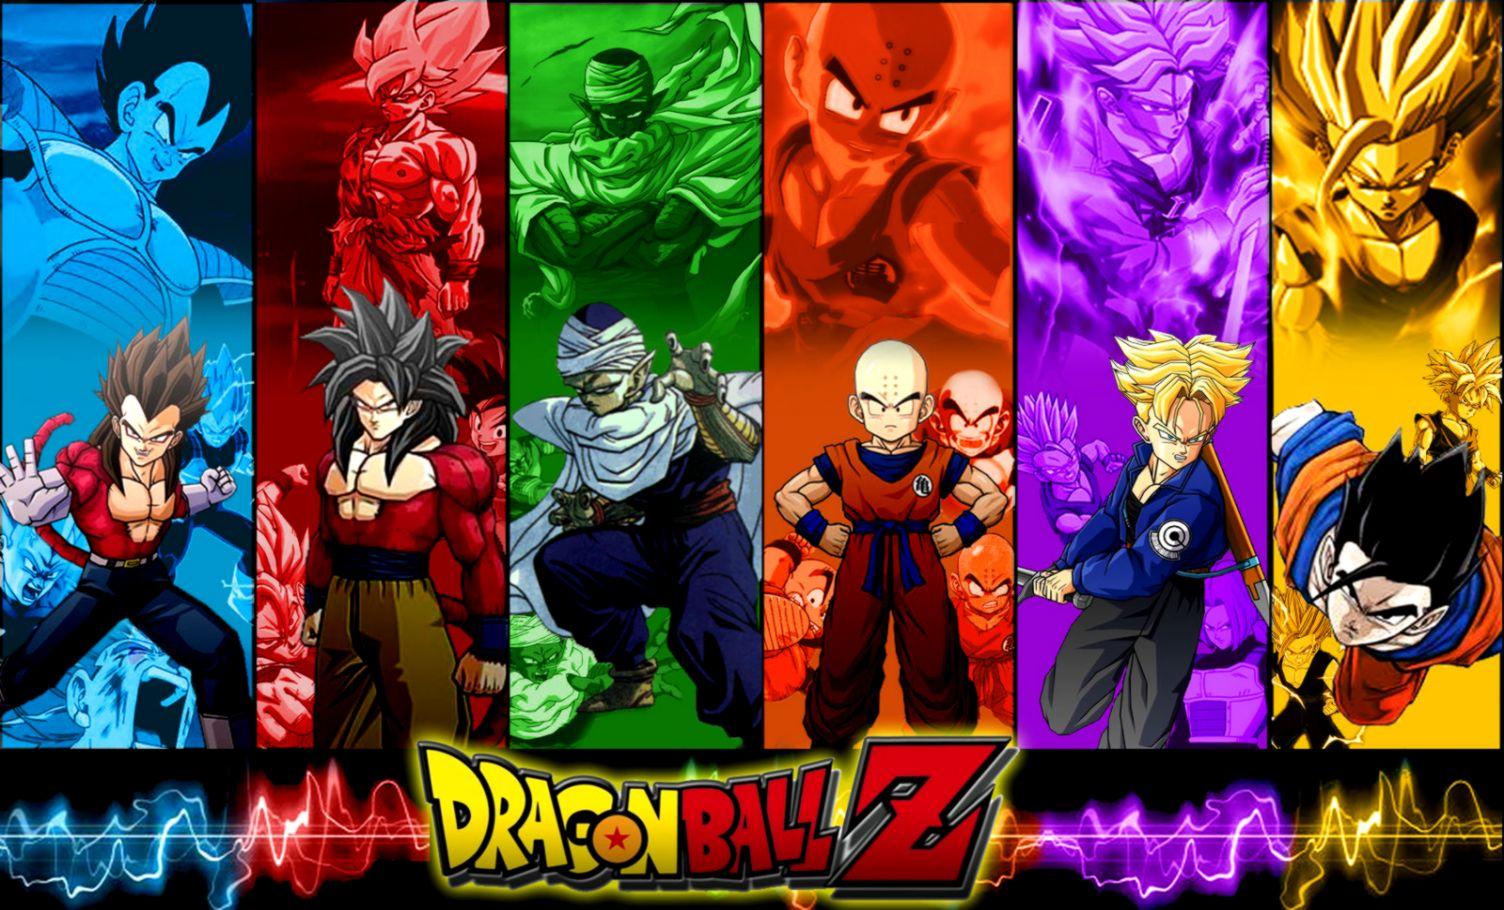 Dragon Ball Z Wallpaper Desktop Pc Sizehd